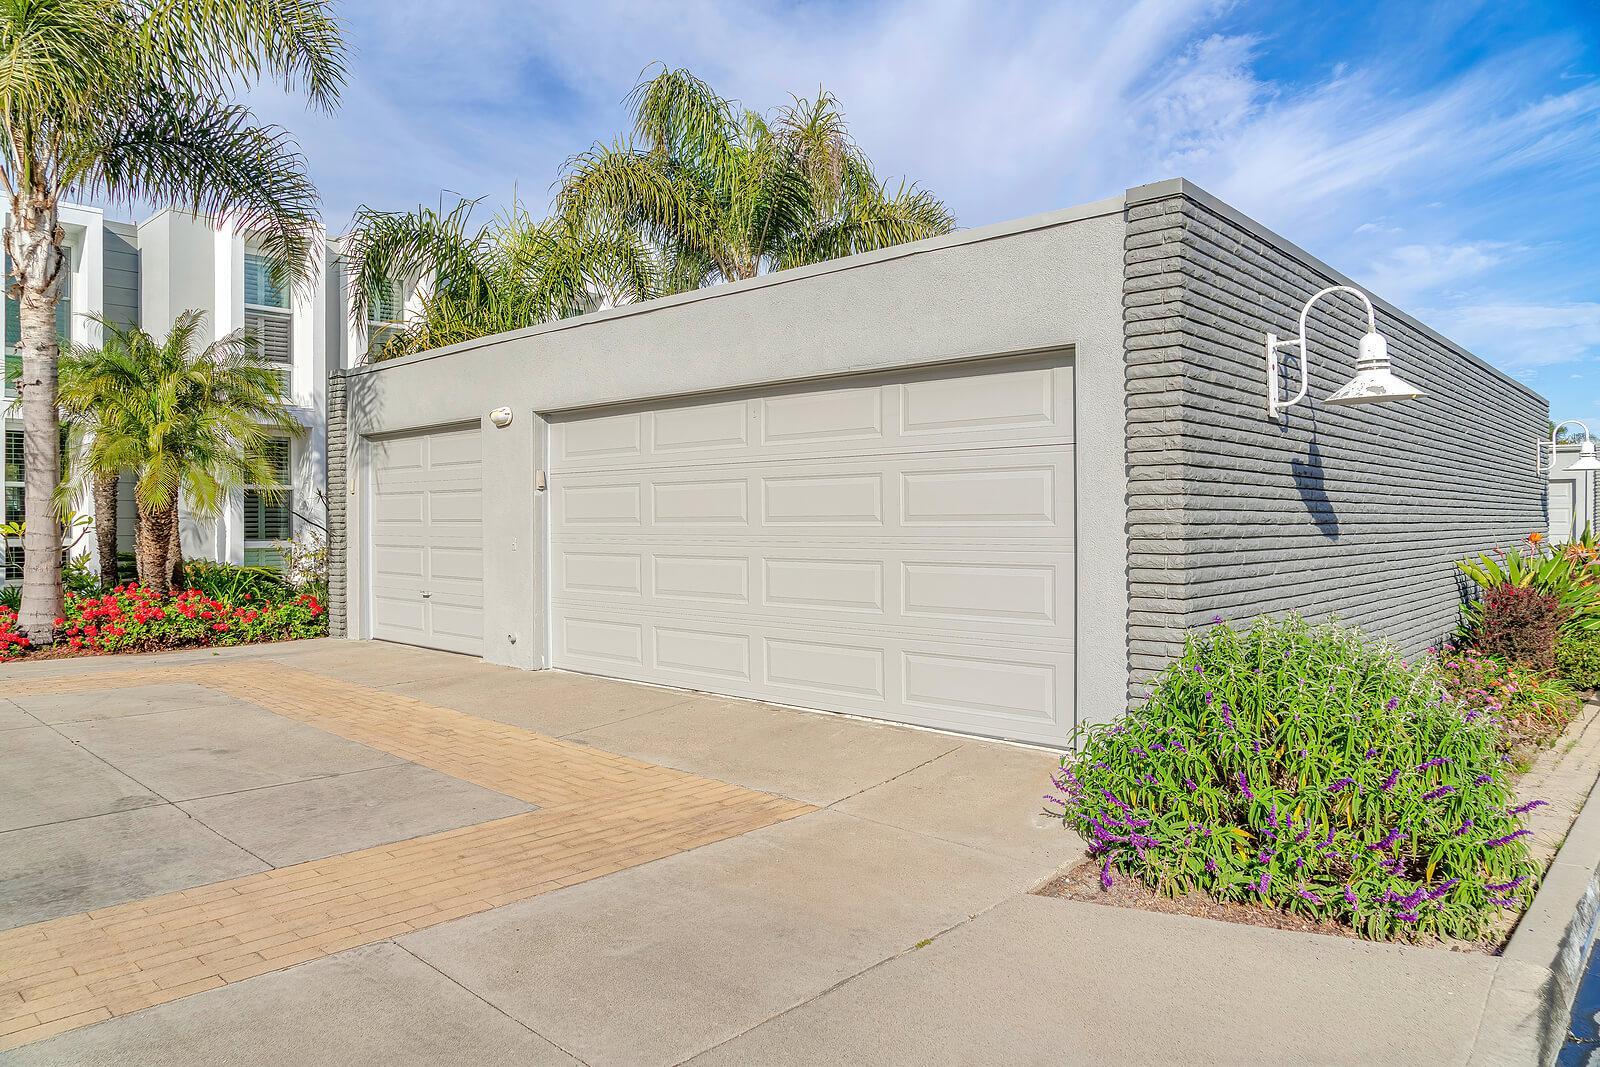 Detached Garage Increase Home Value